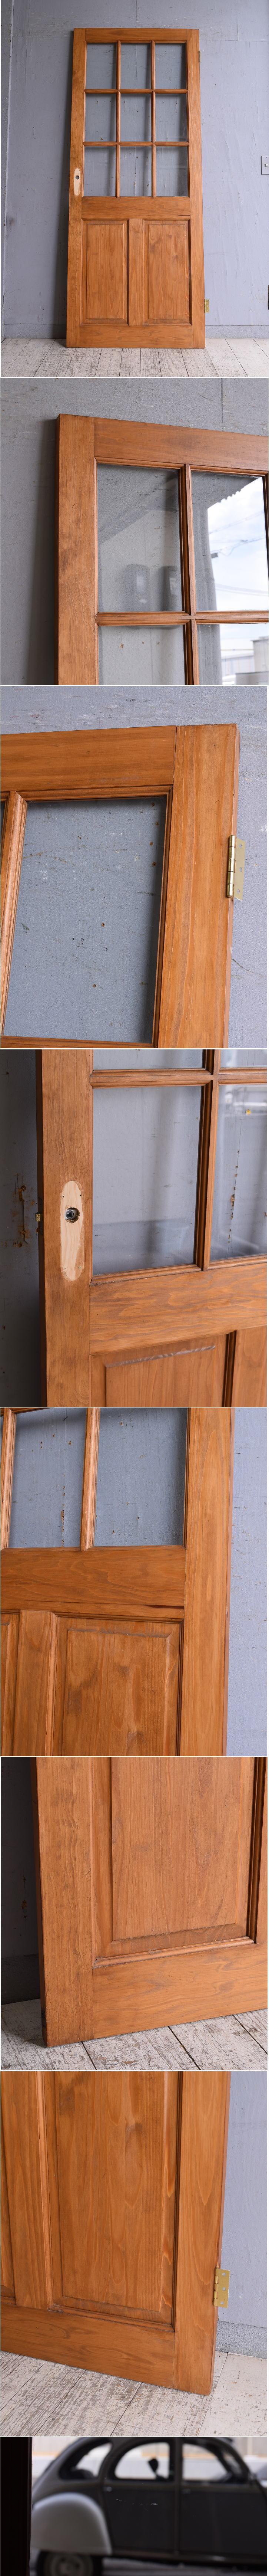 イギリス アンティーク ドア 扉 建具 9854